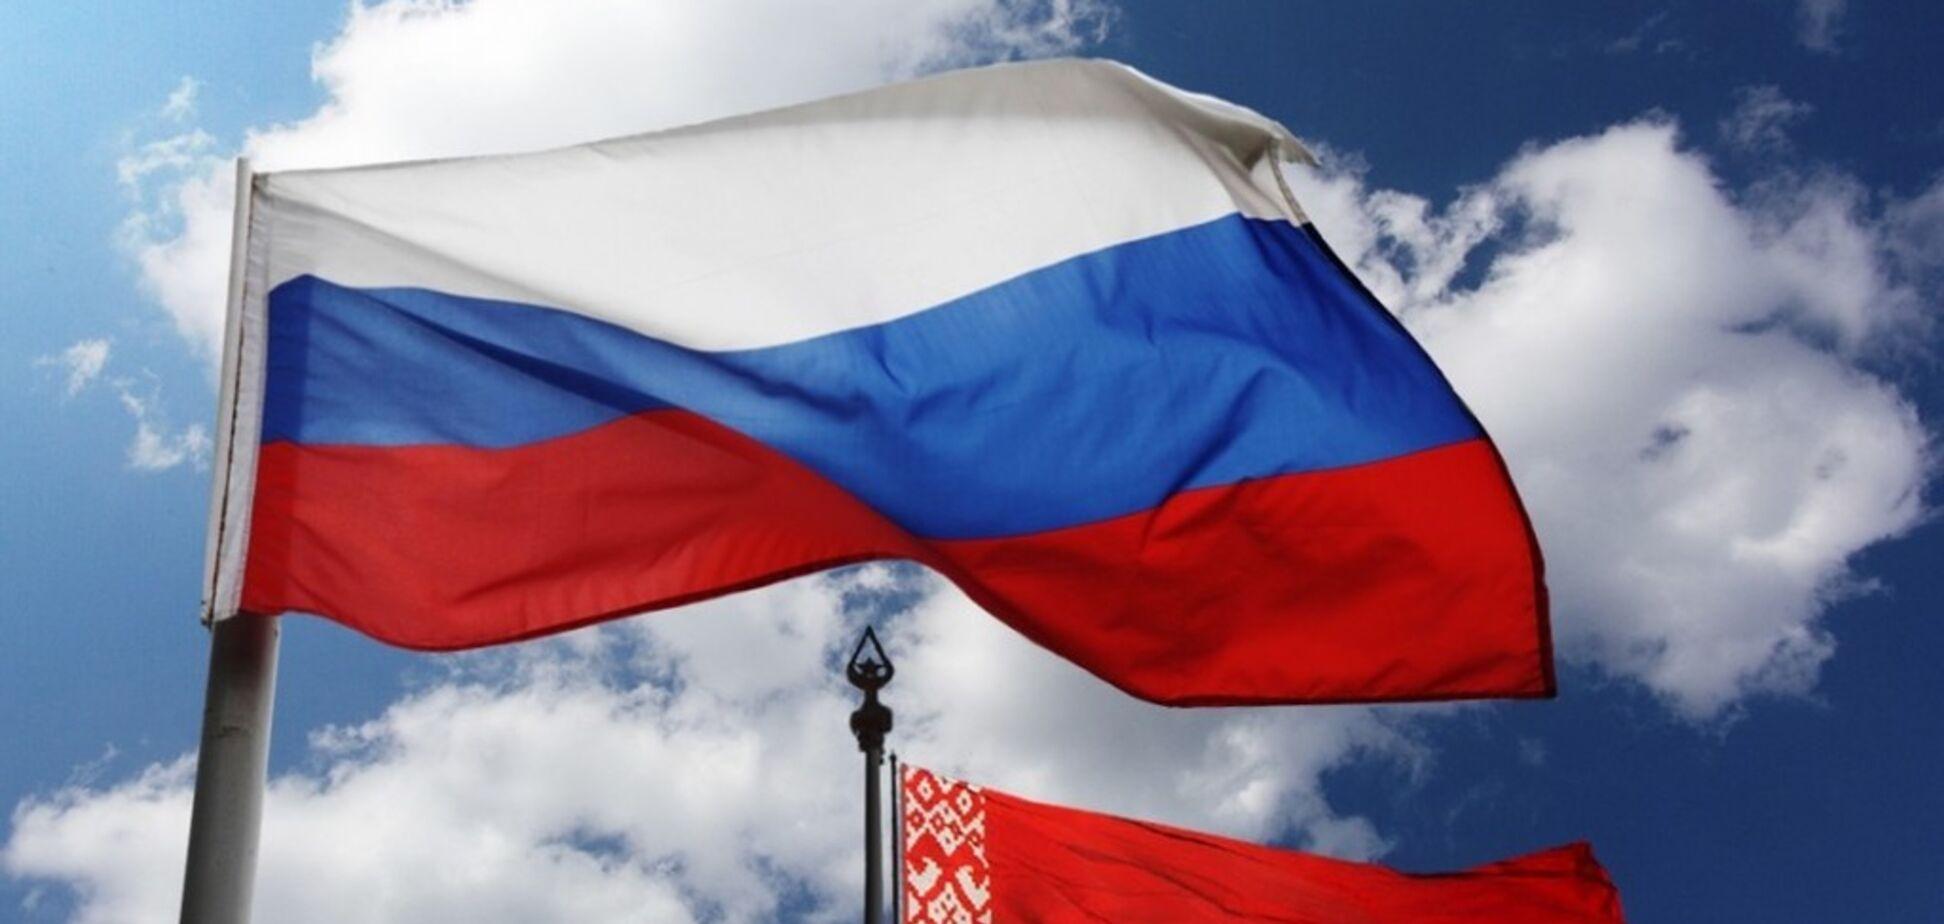 'Білоруси — росіяни!' Марков зробив окупантський натяк